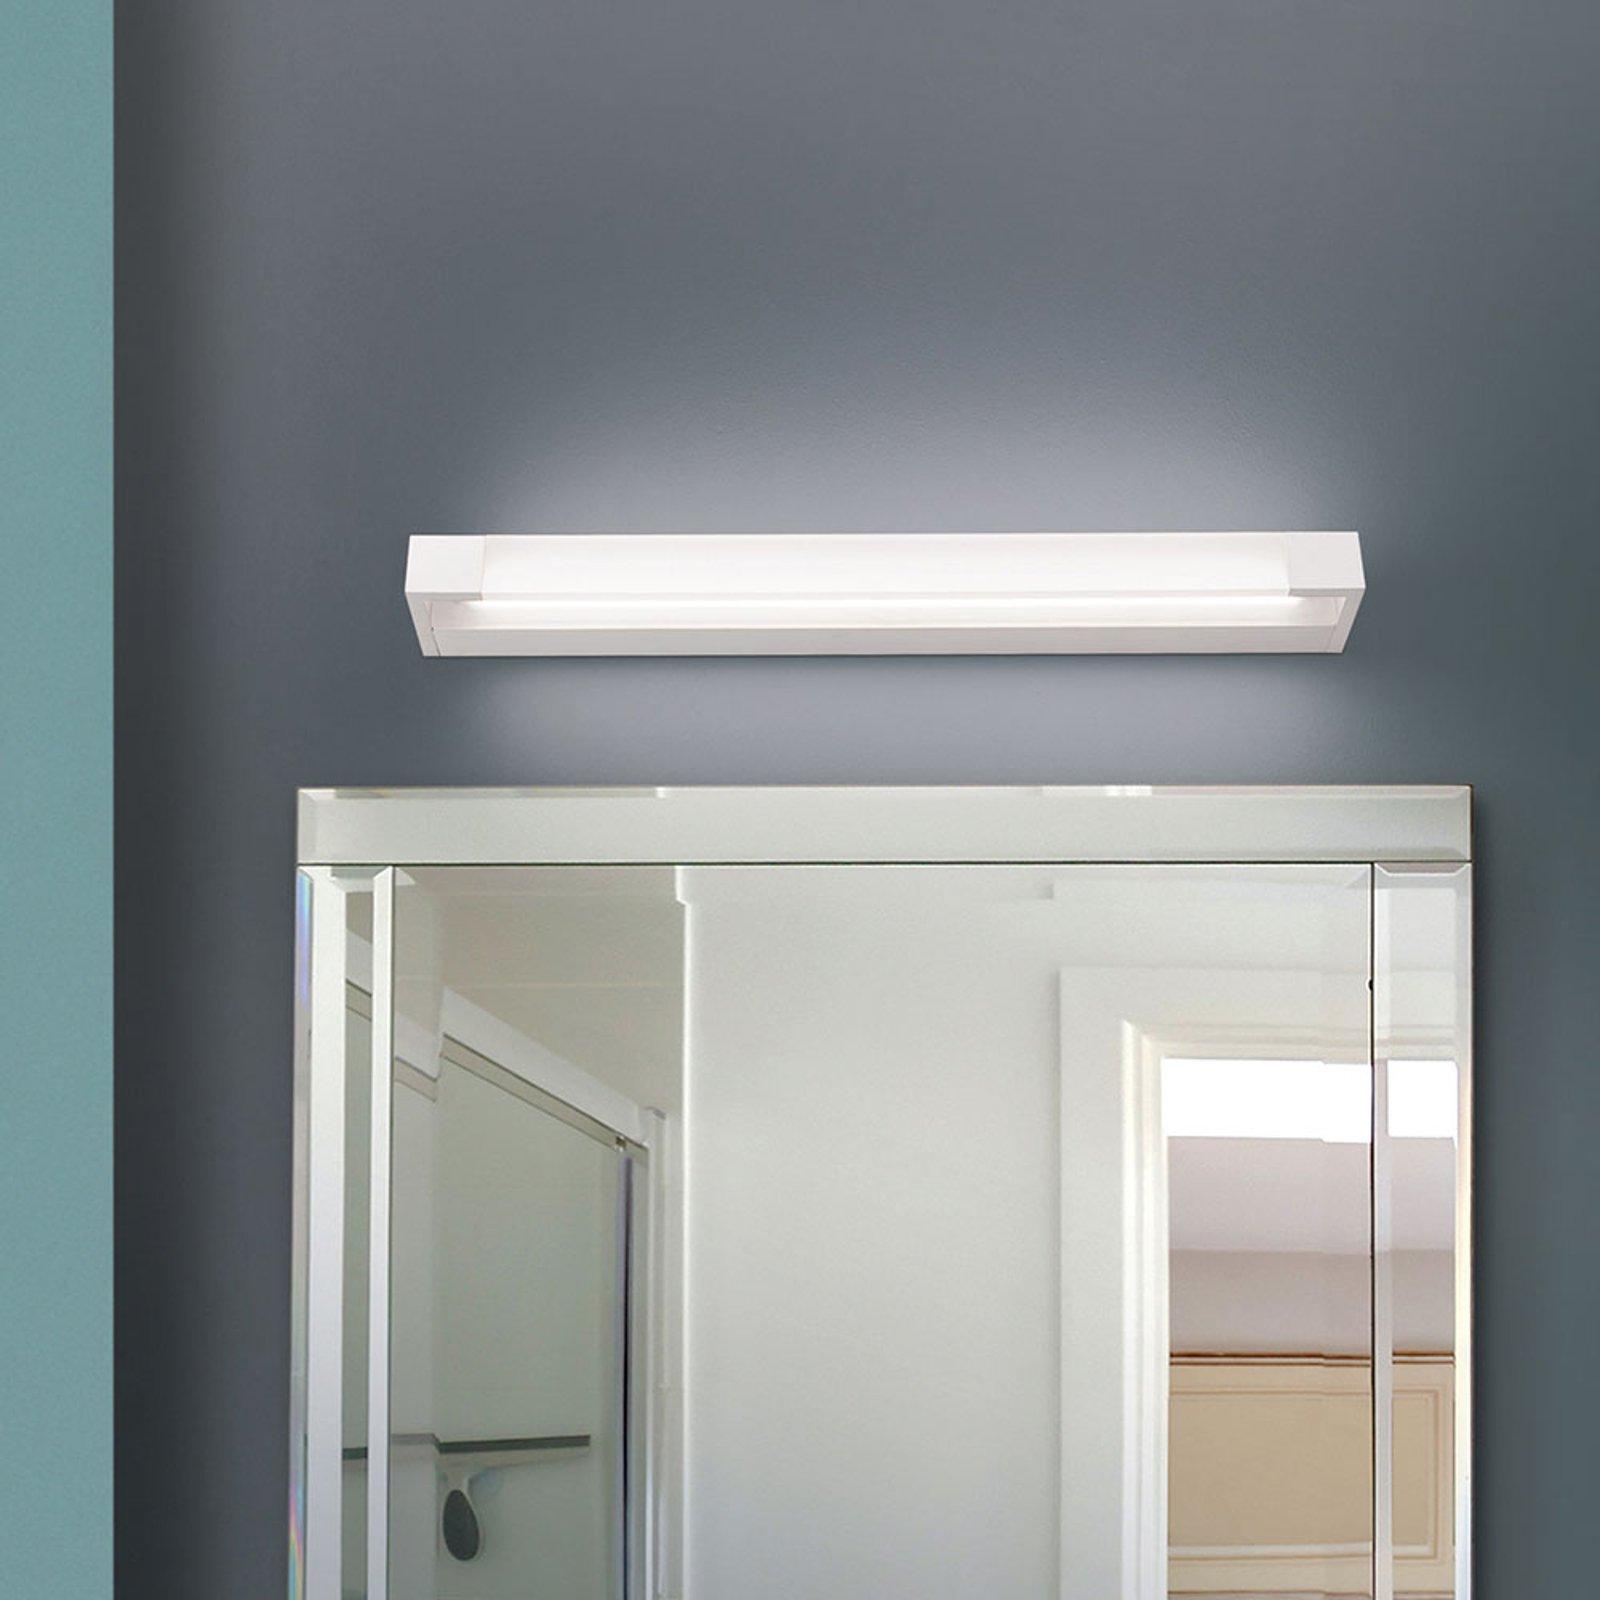 LED-speillampe Marilyn 57 cm hvit